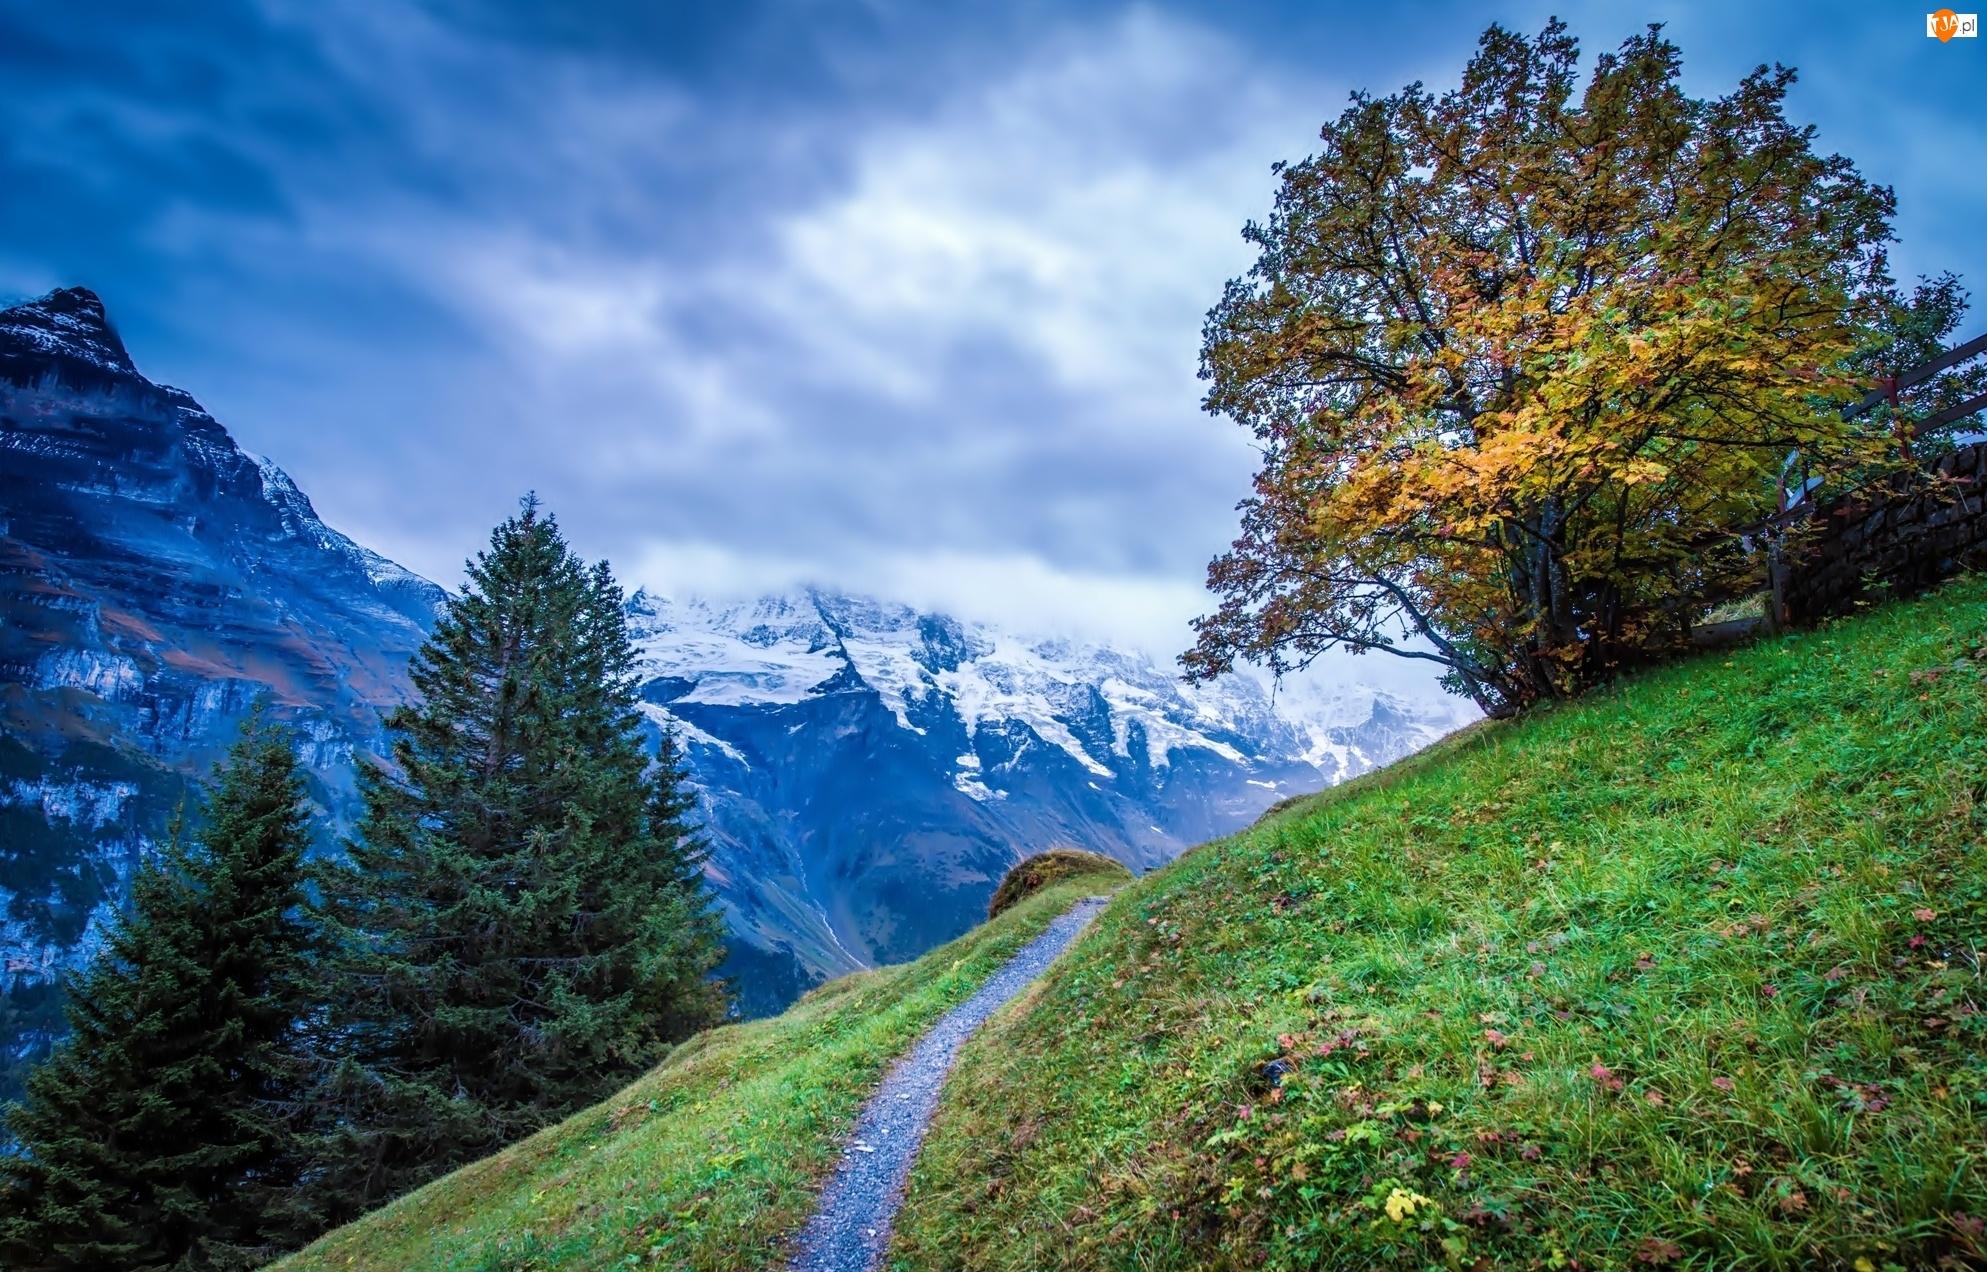 Góry, Drzewa, Łąka, Ścieżka